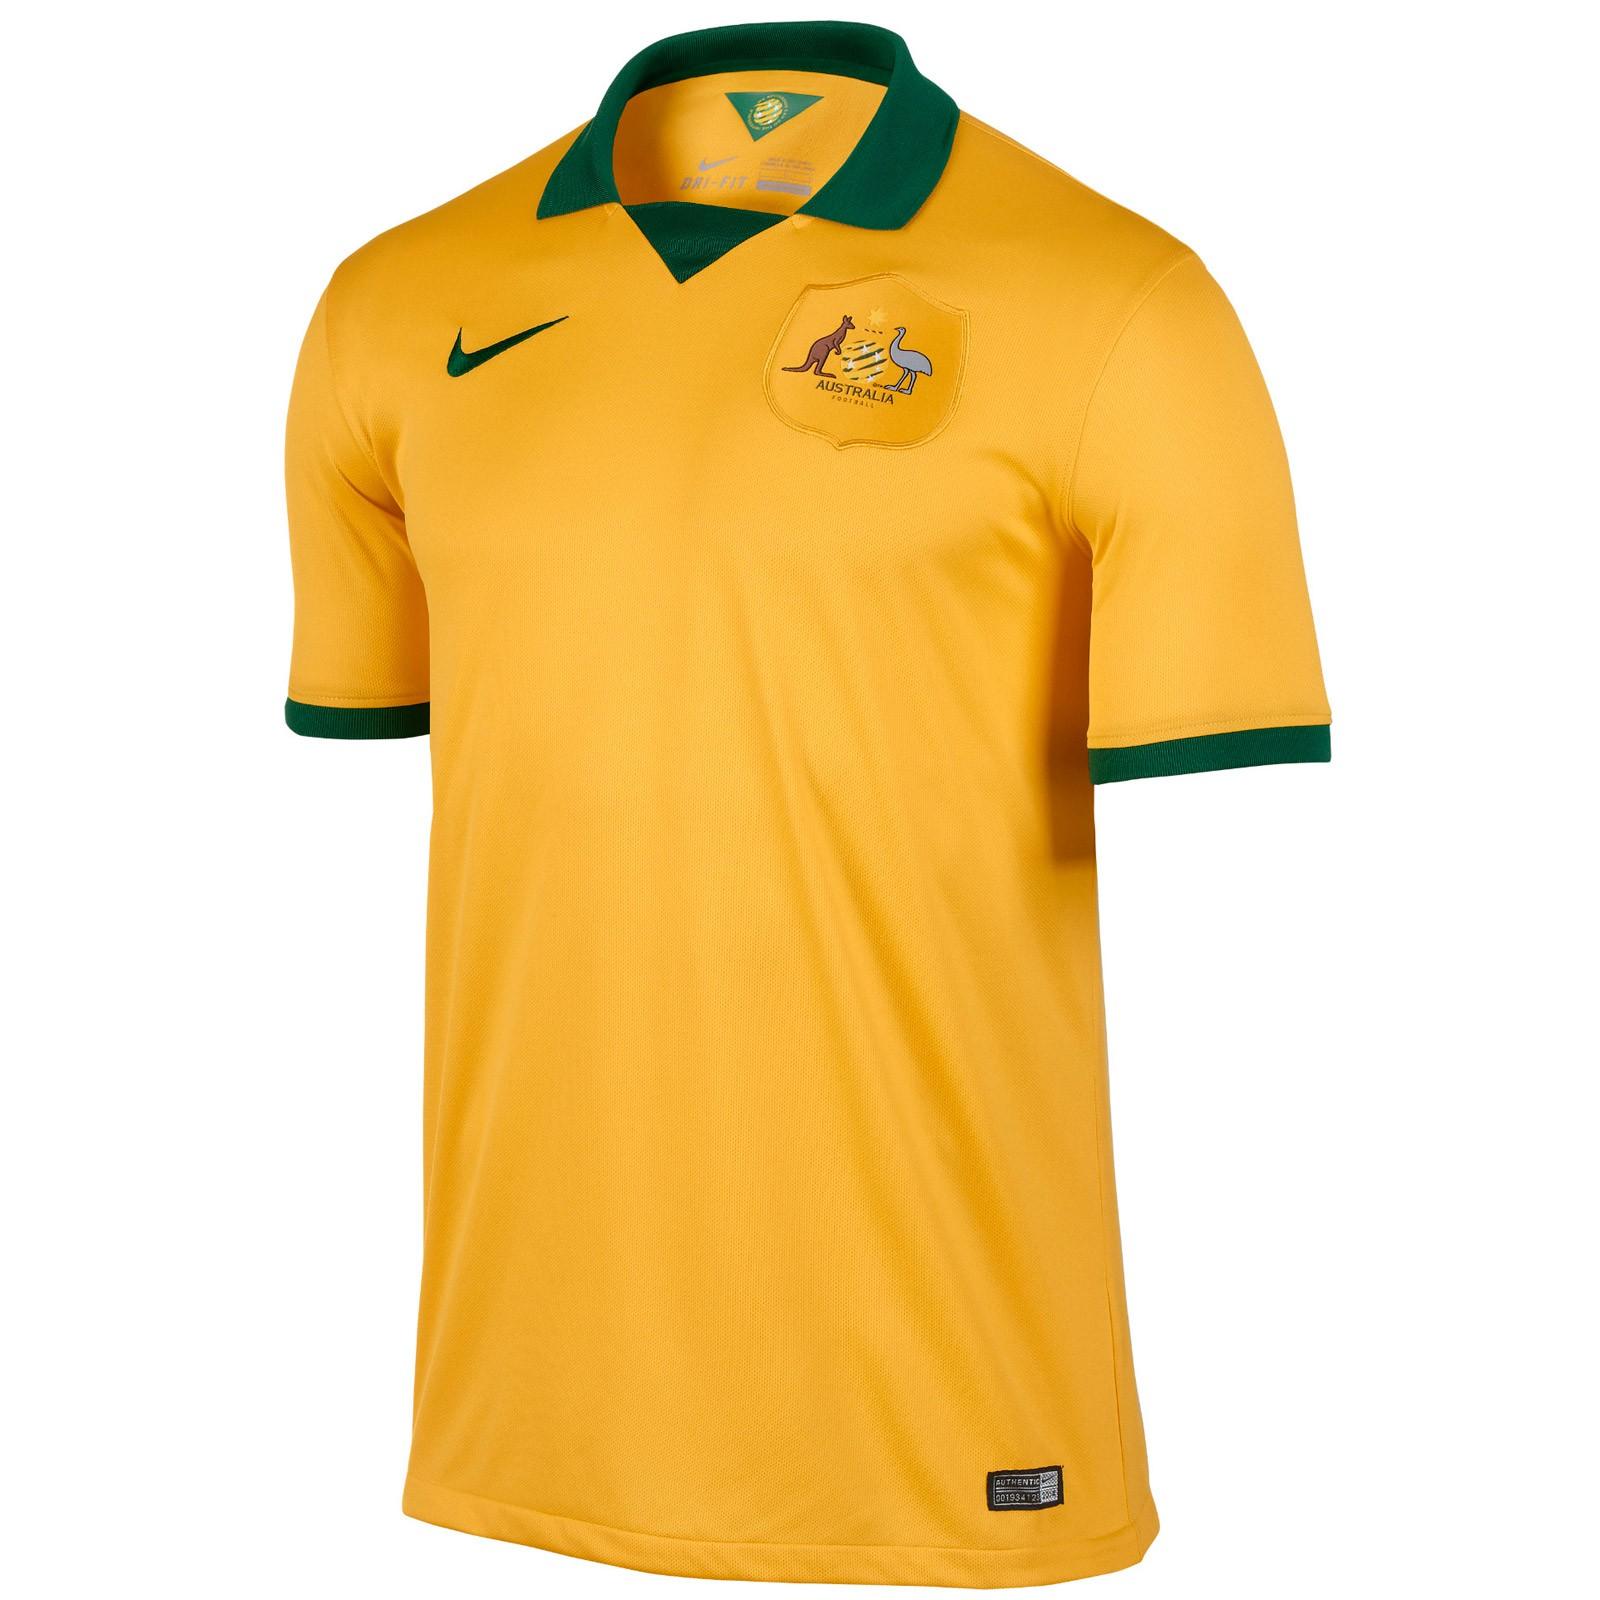 澳大利亚国家队2014世界杯球迷版主场球衣